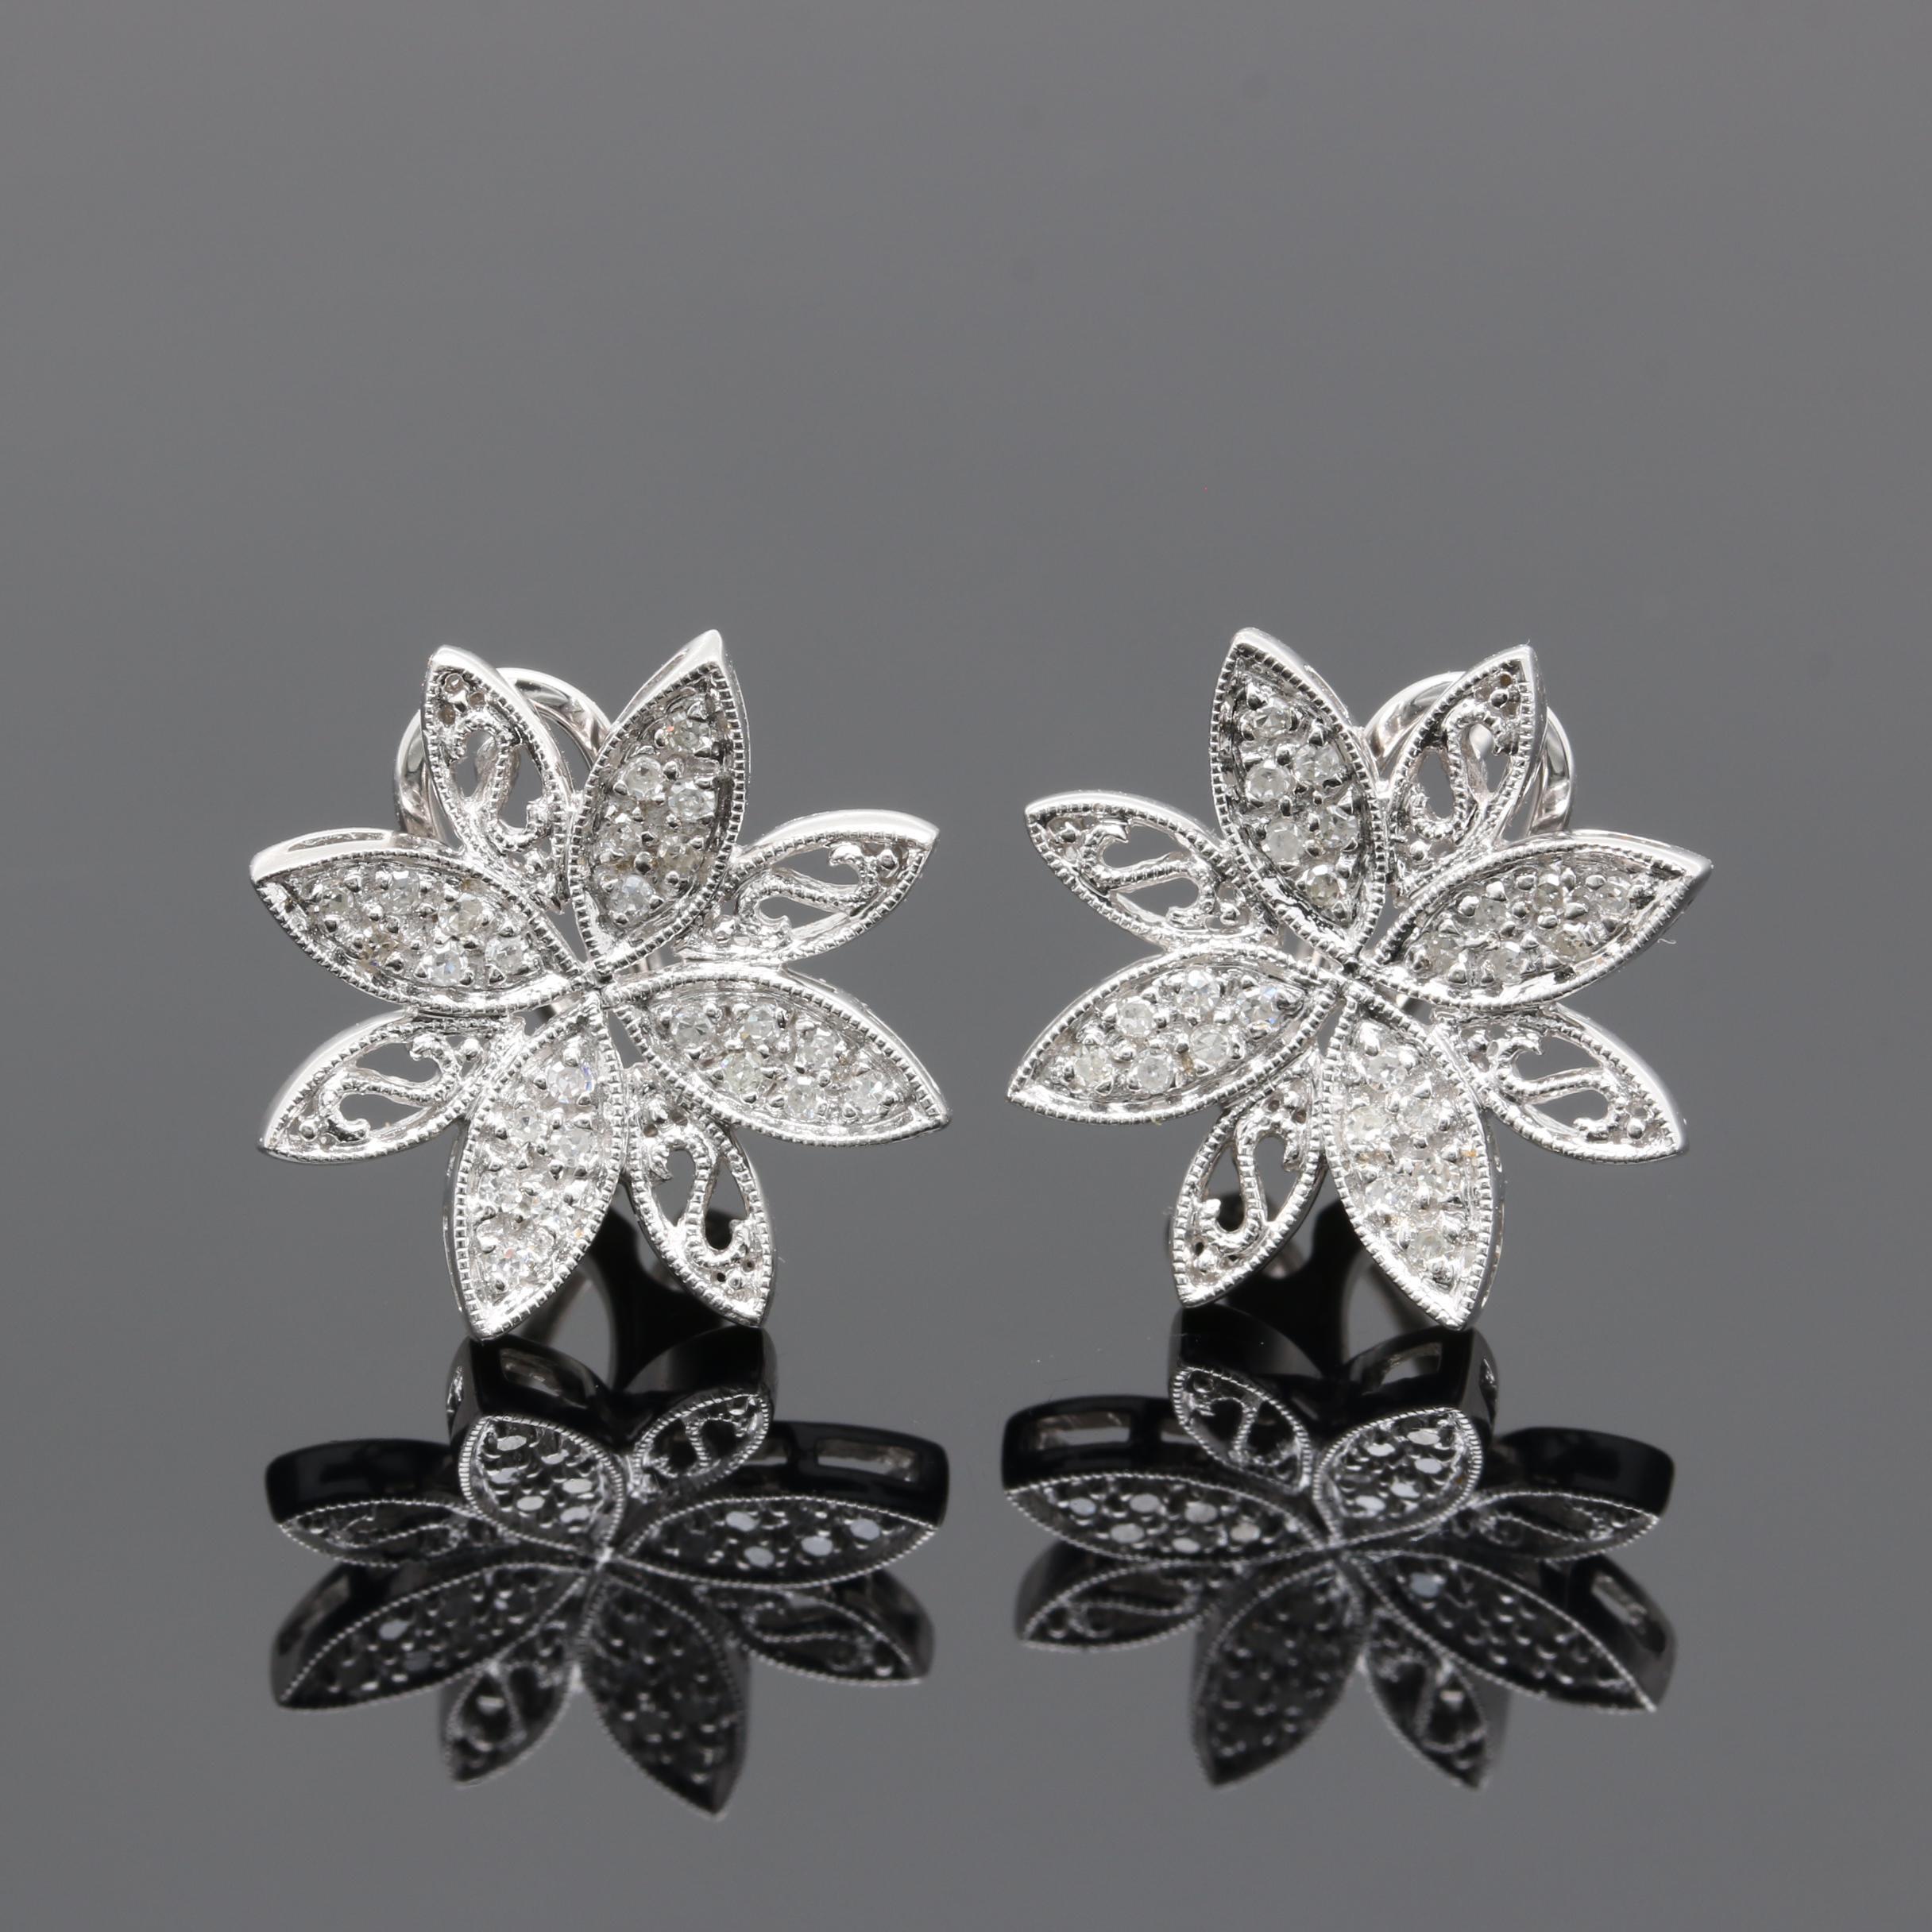 14K White Gold Diamond Flower Motif Earrings